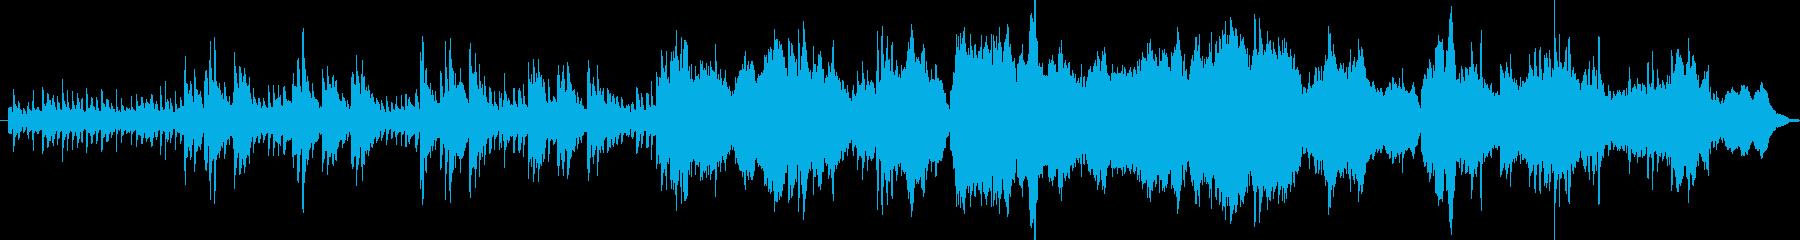 落ち着きのある幻想的なエレクトロニカの再生済みの波形